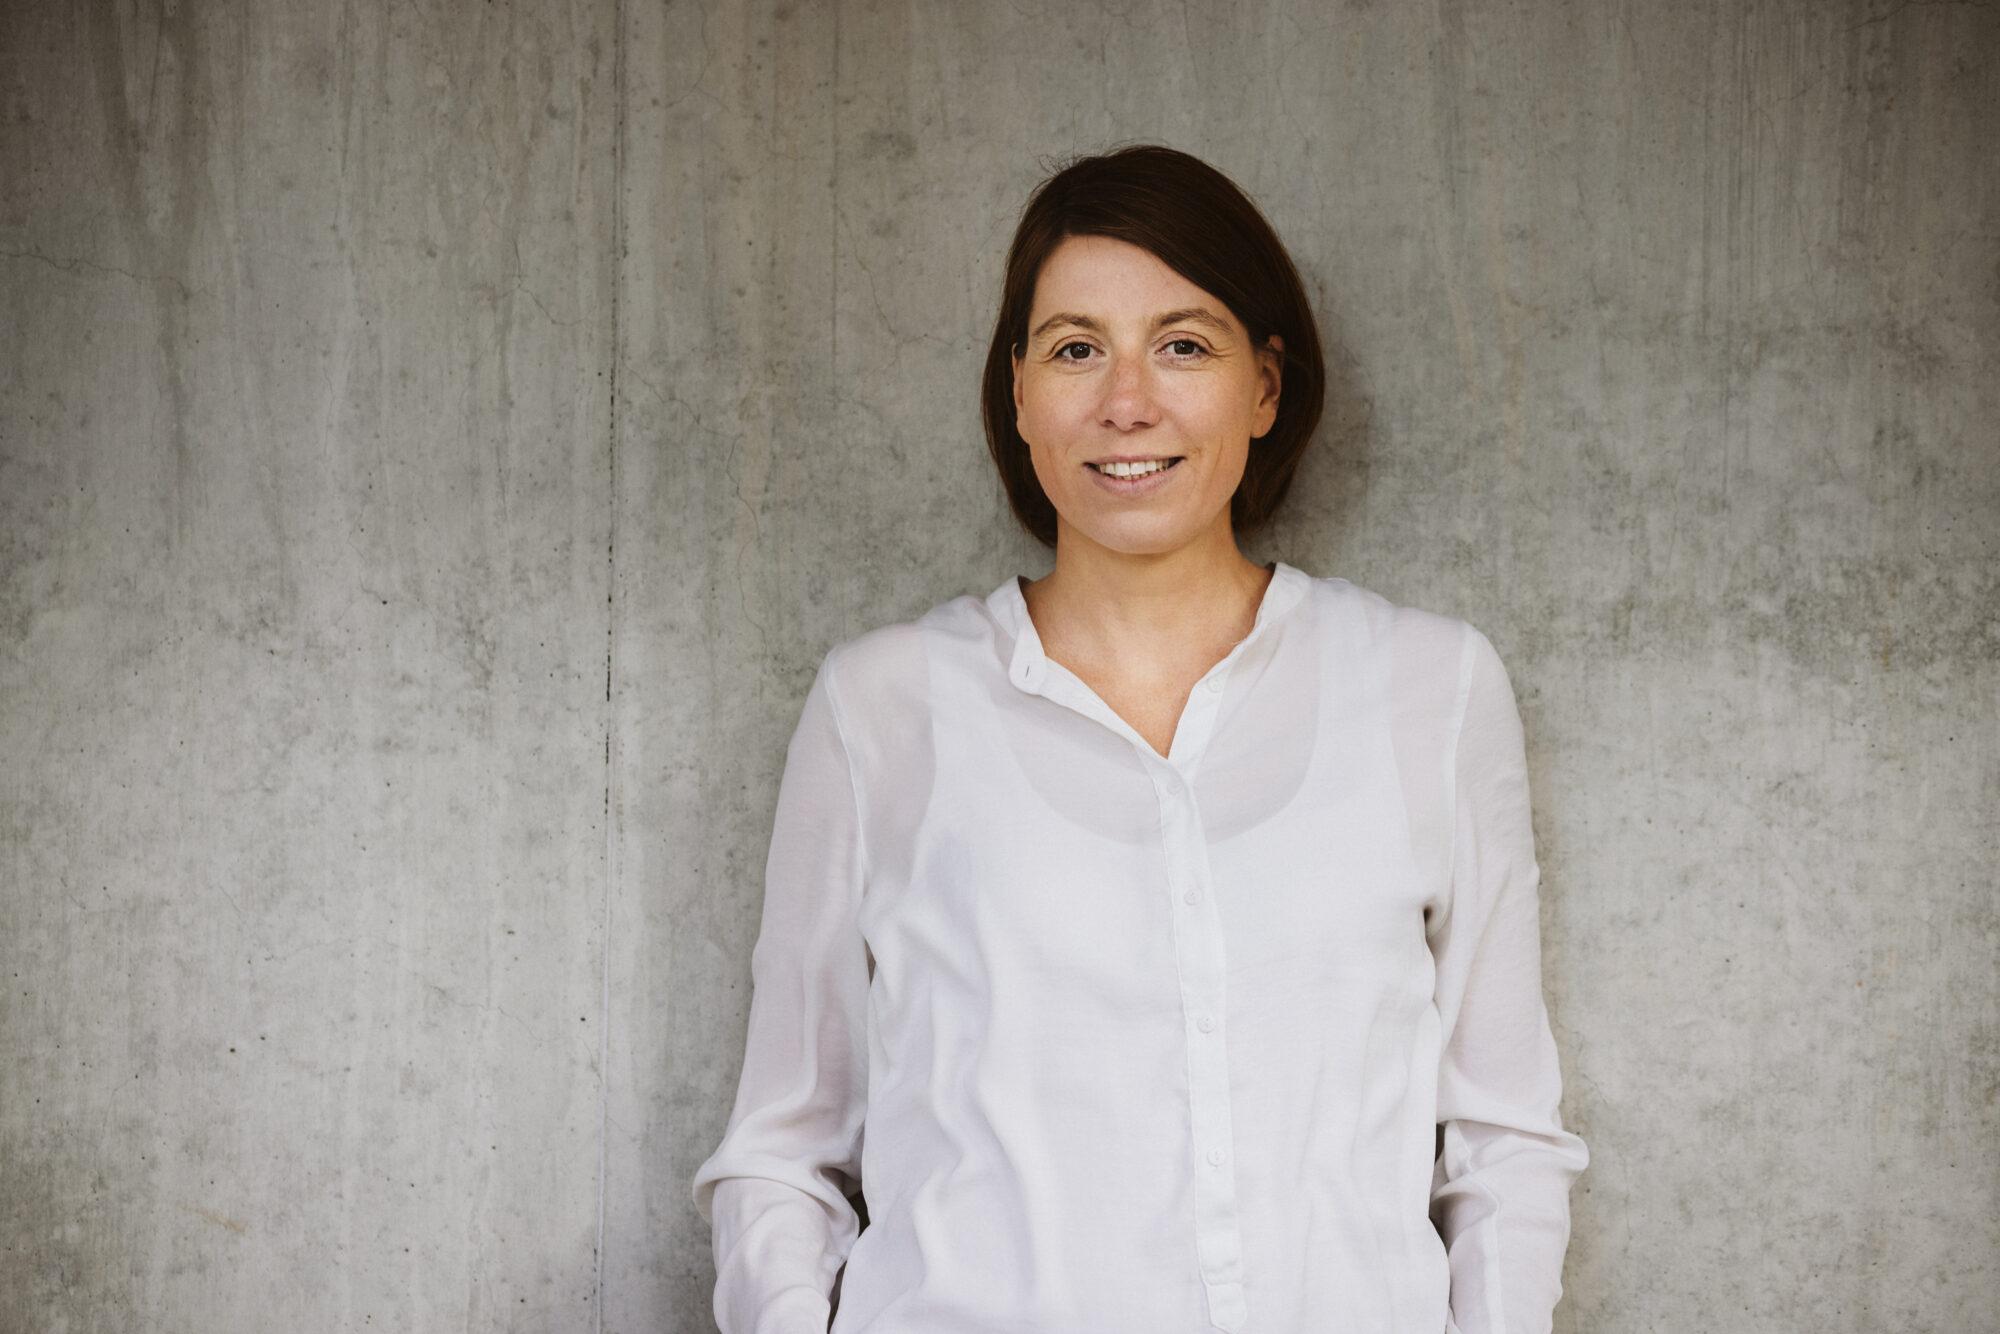 Strafverteidigung > Rechtsanwältin Stefanie Biewald